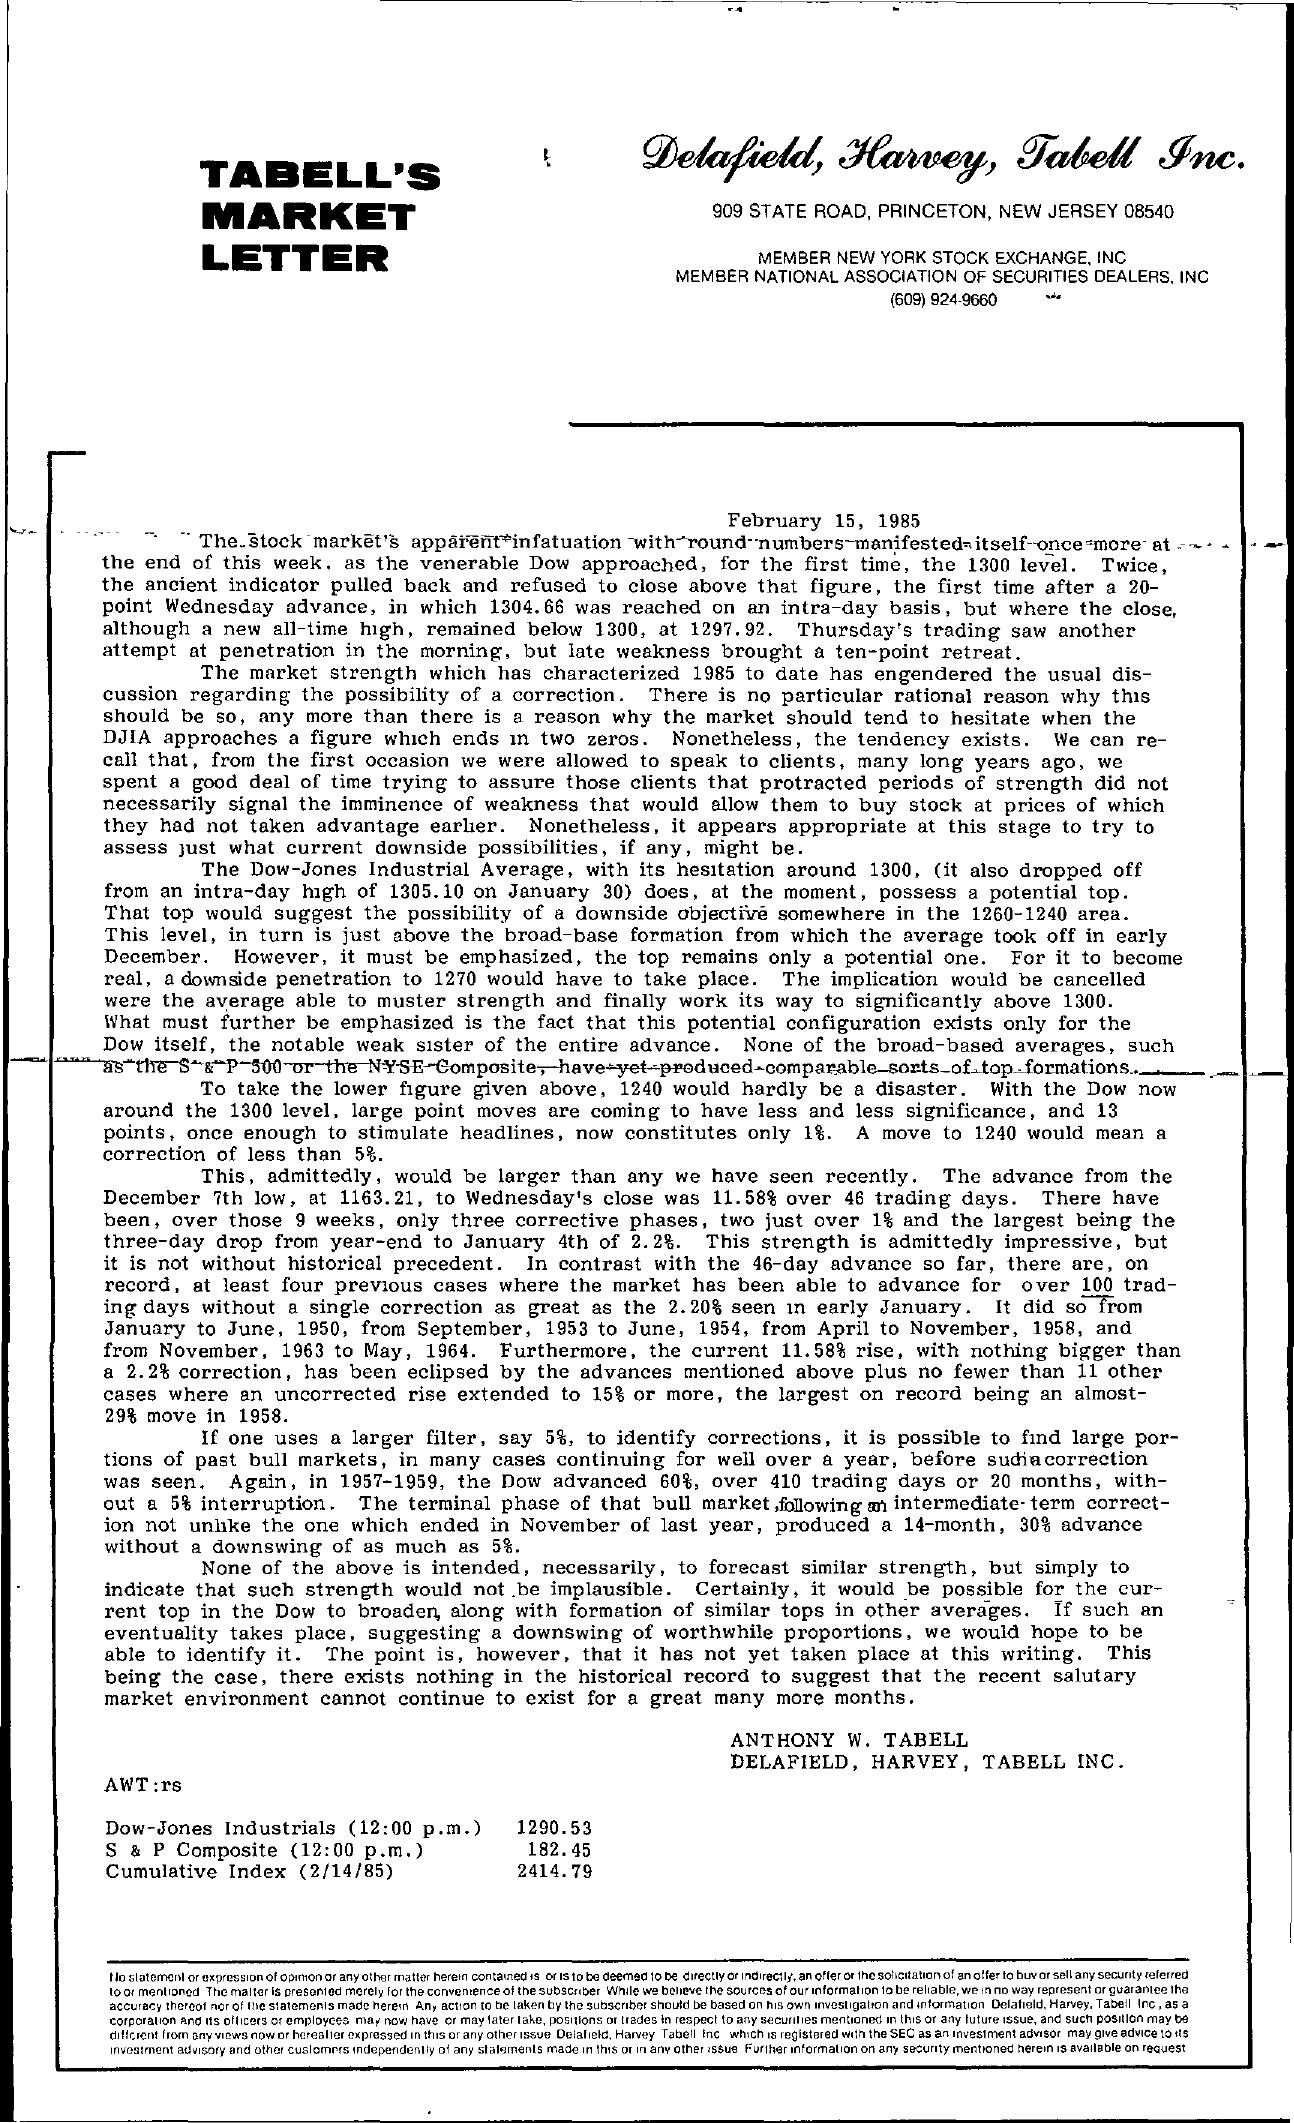 Tabell's Market Letter - February 15, 1985